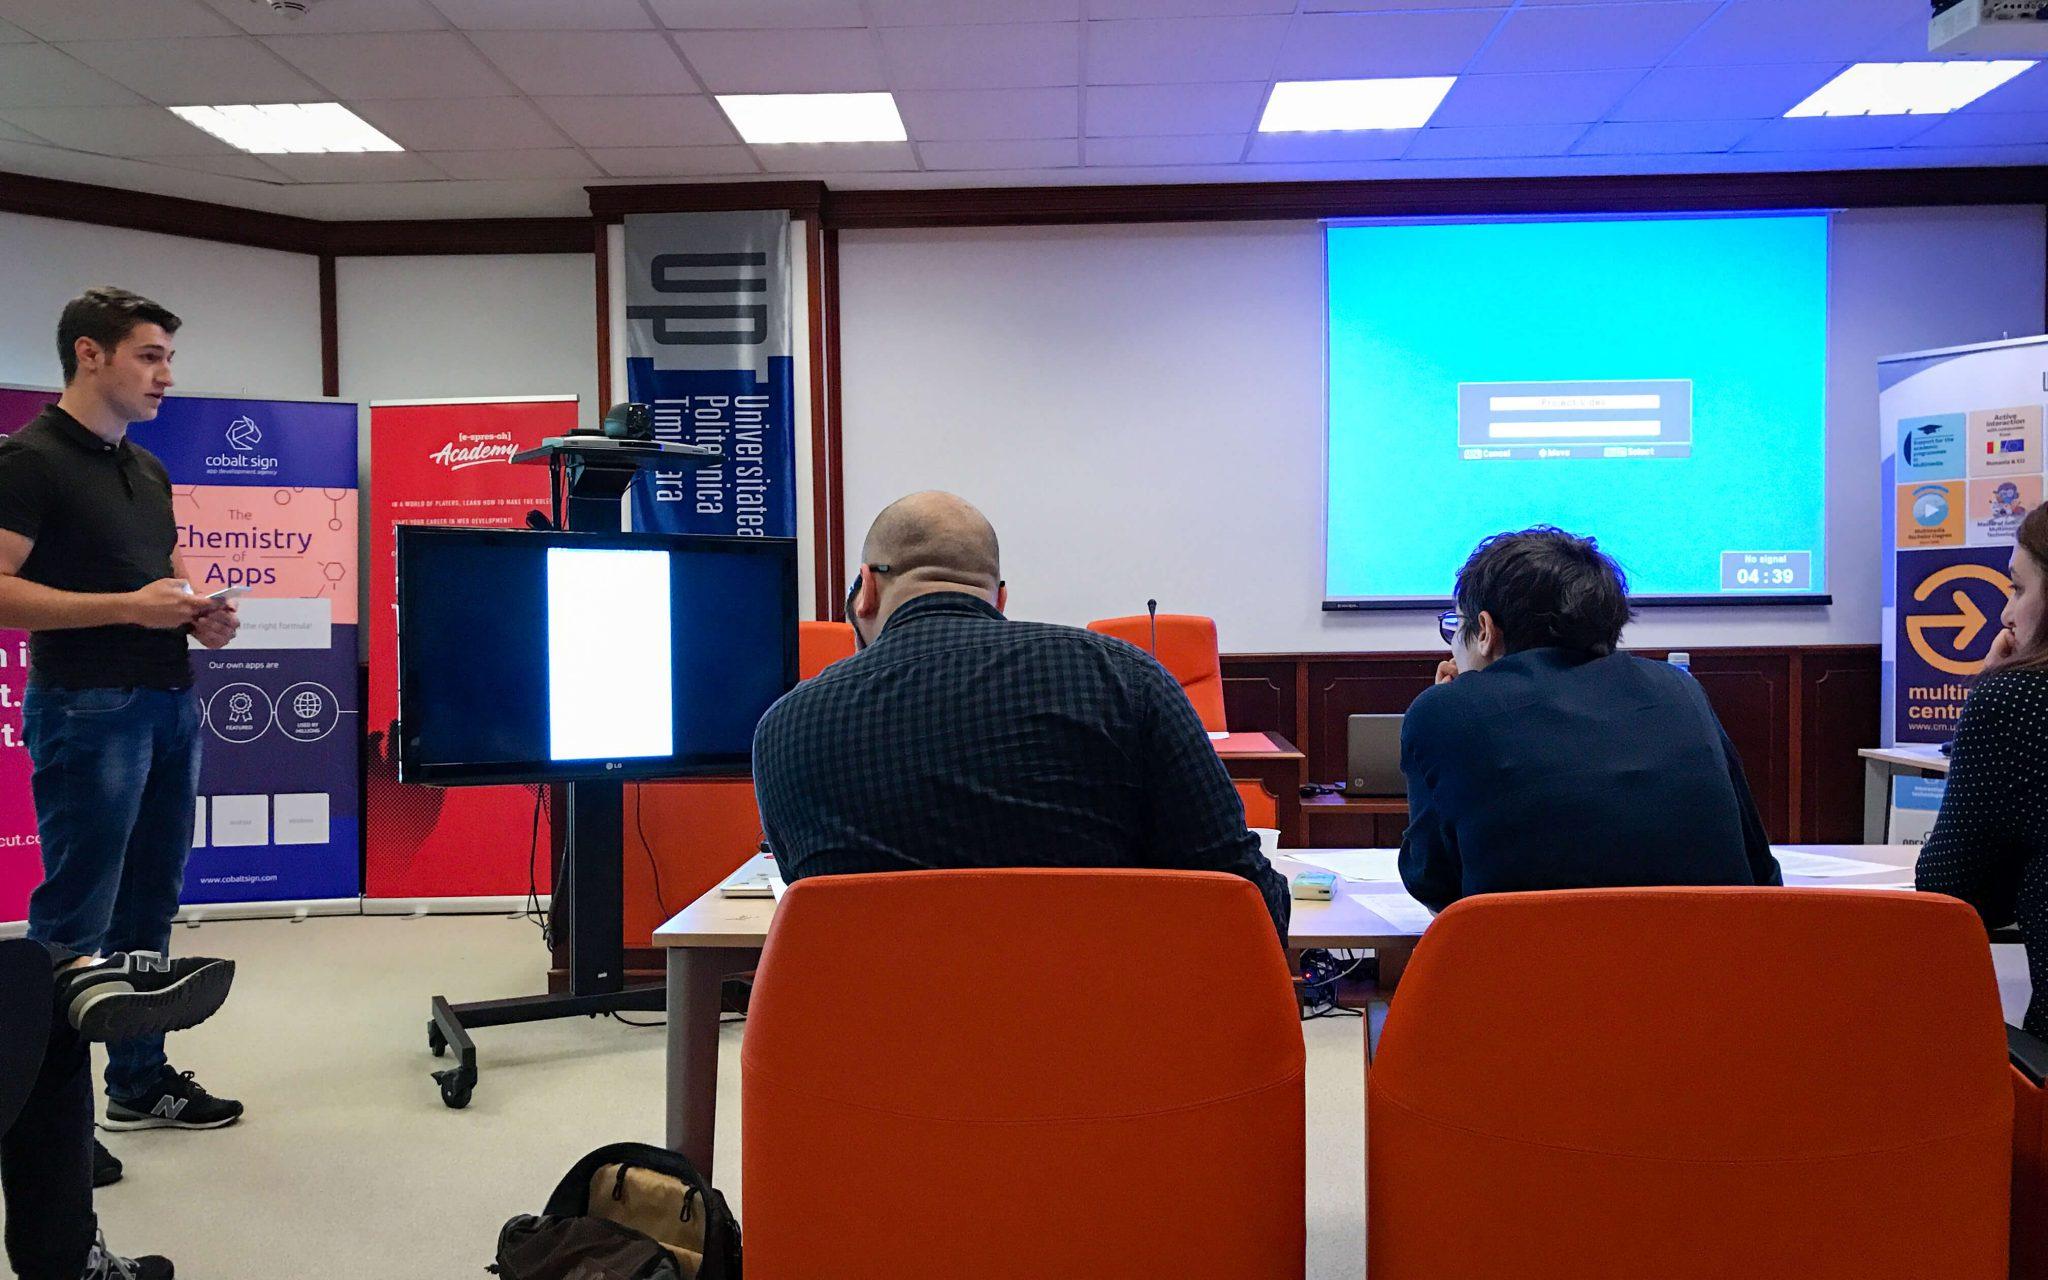 Cobalt Sign partner at the digital media contest-6